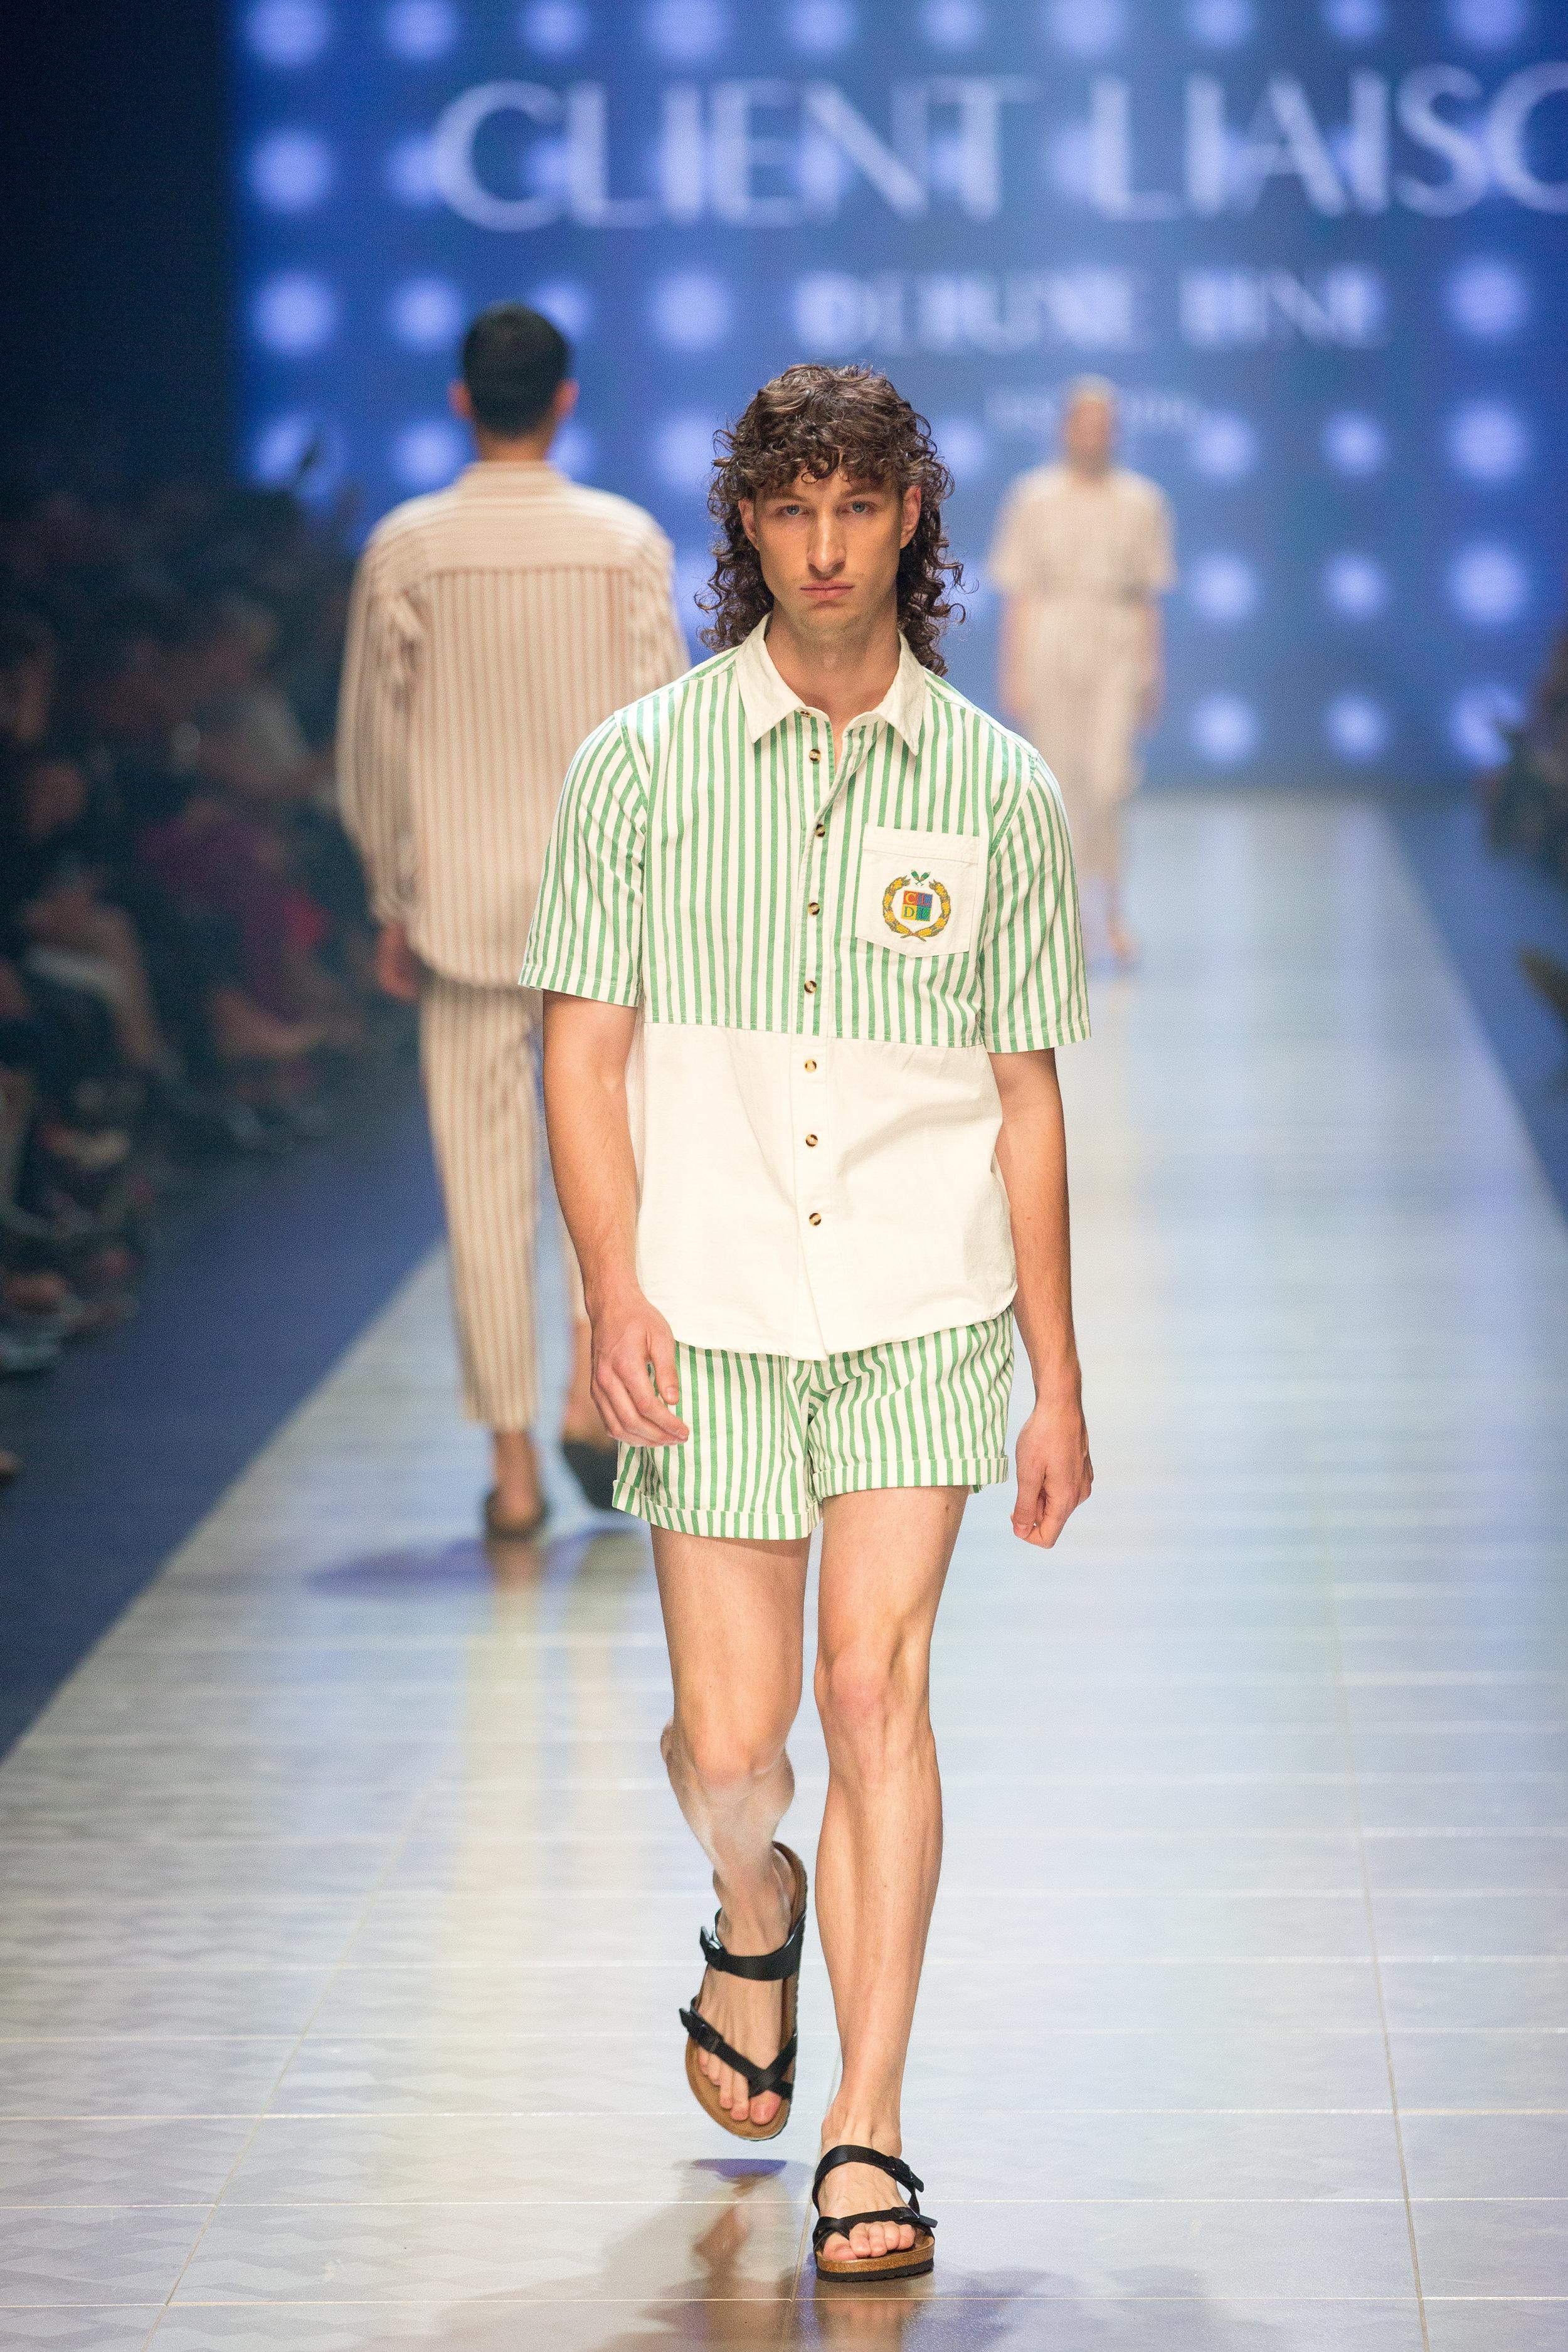 VAMFF2019_GQ Menswear-19.jpg